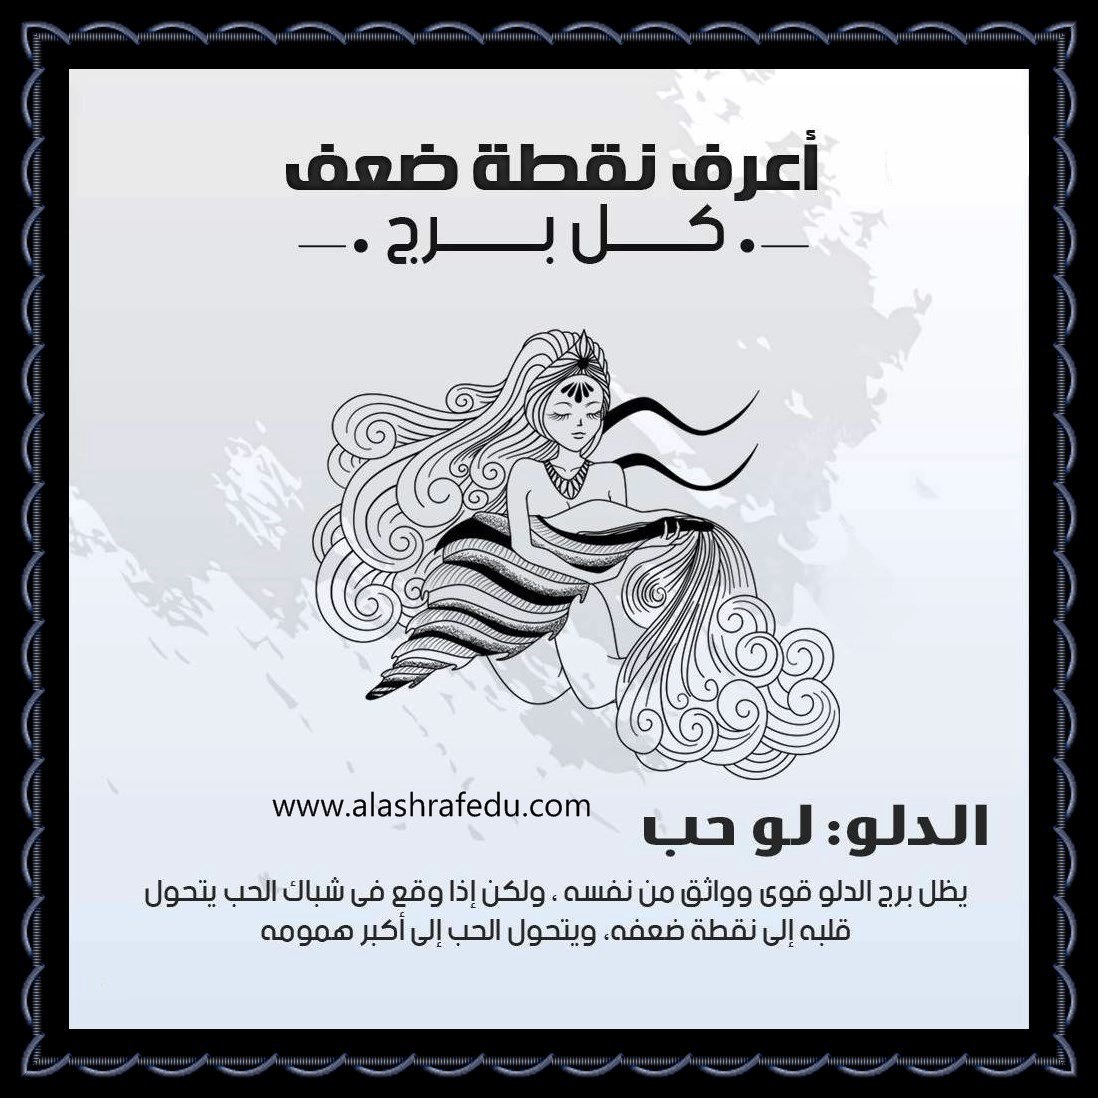 أعرف نقطة 2020 الدلو www.alashrafedu.com1